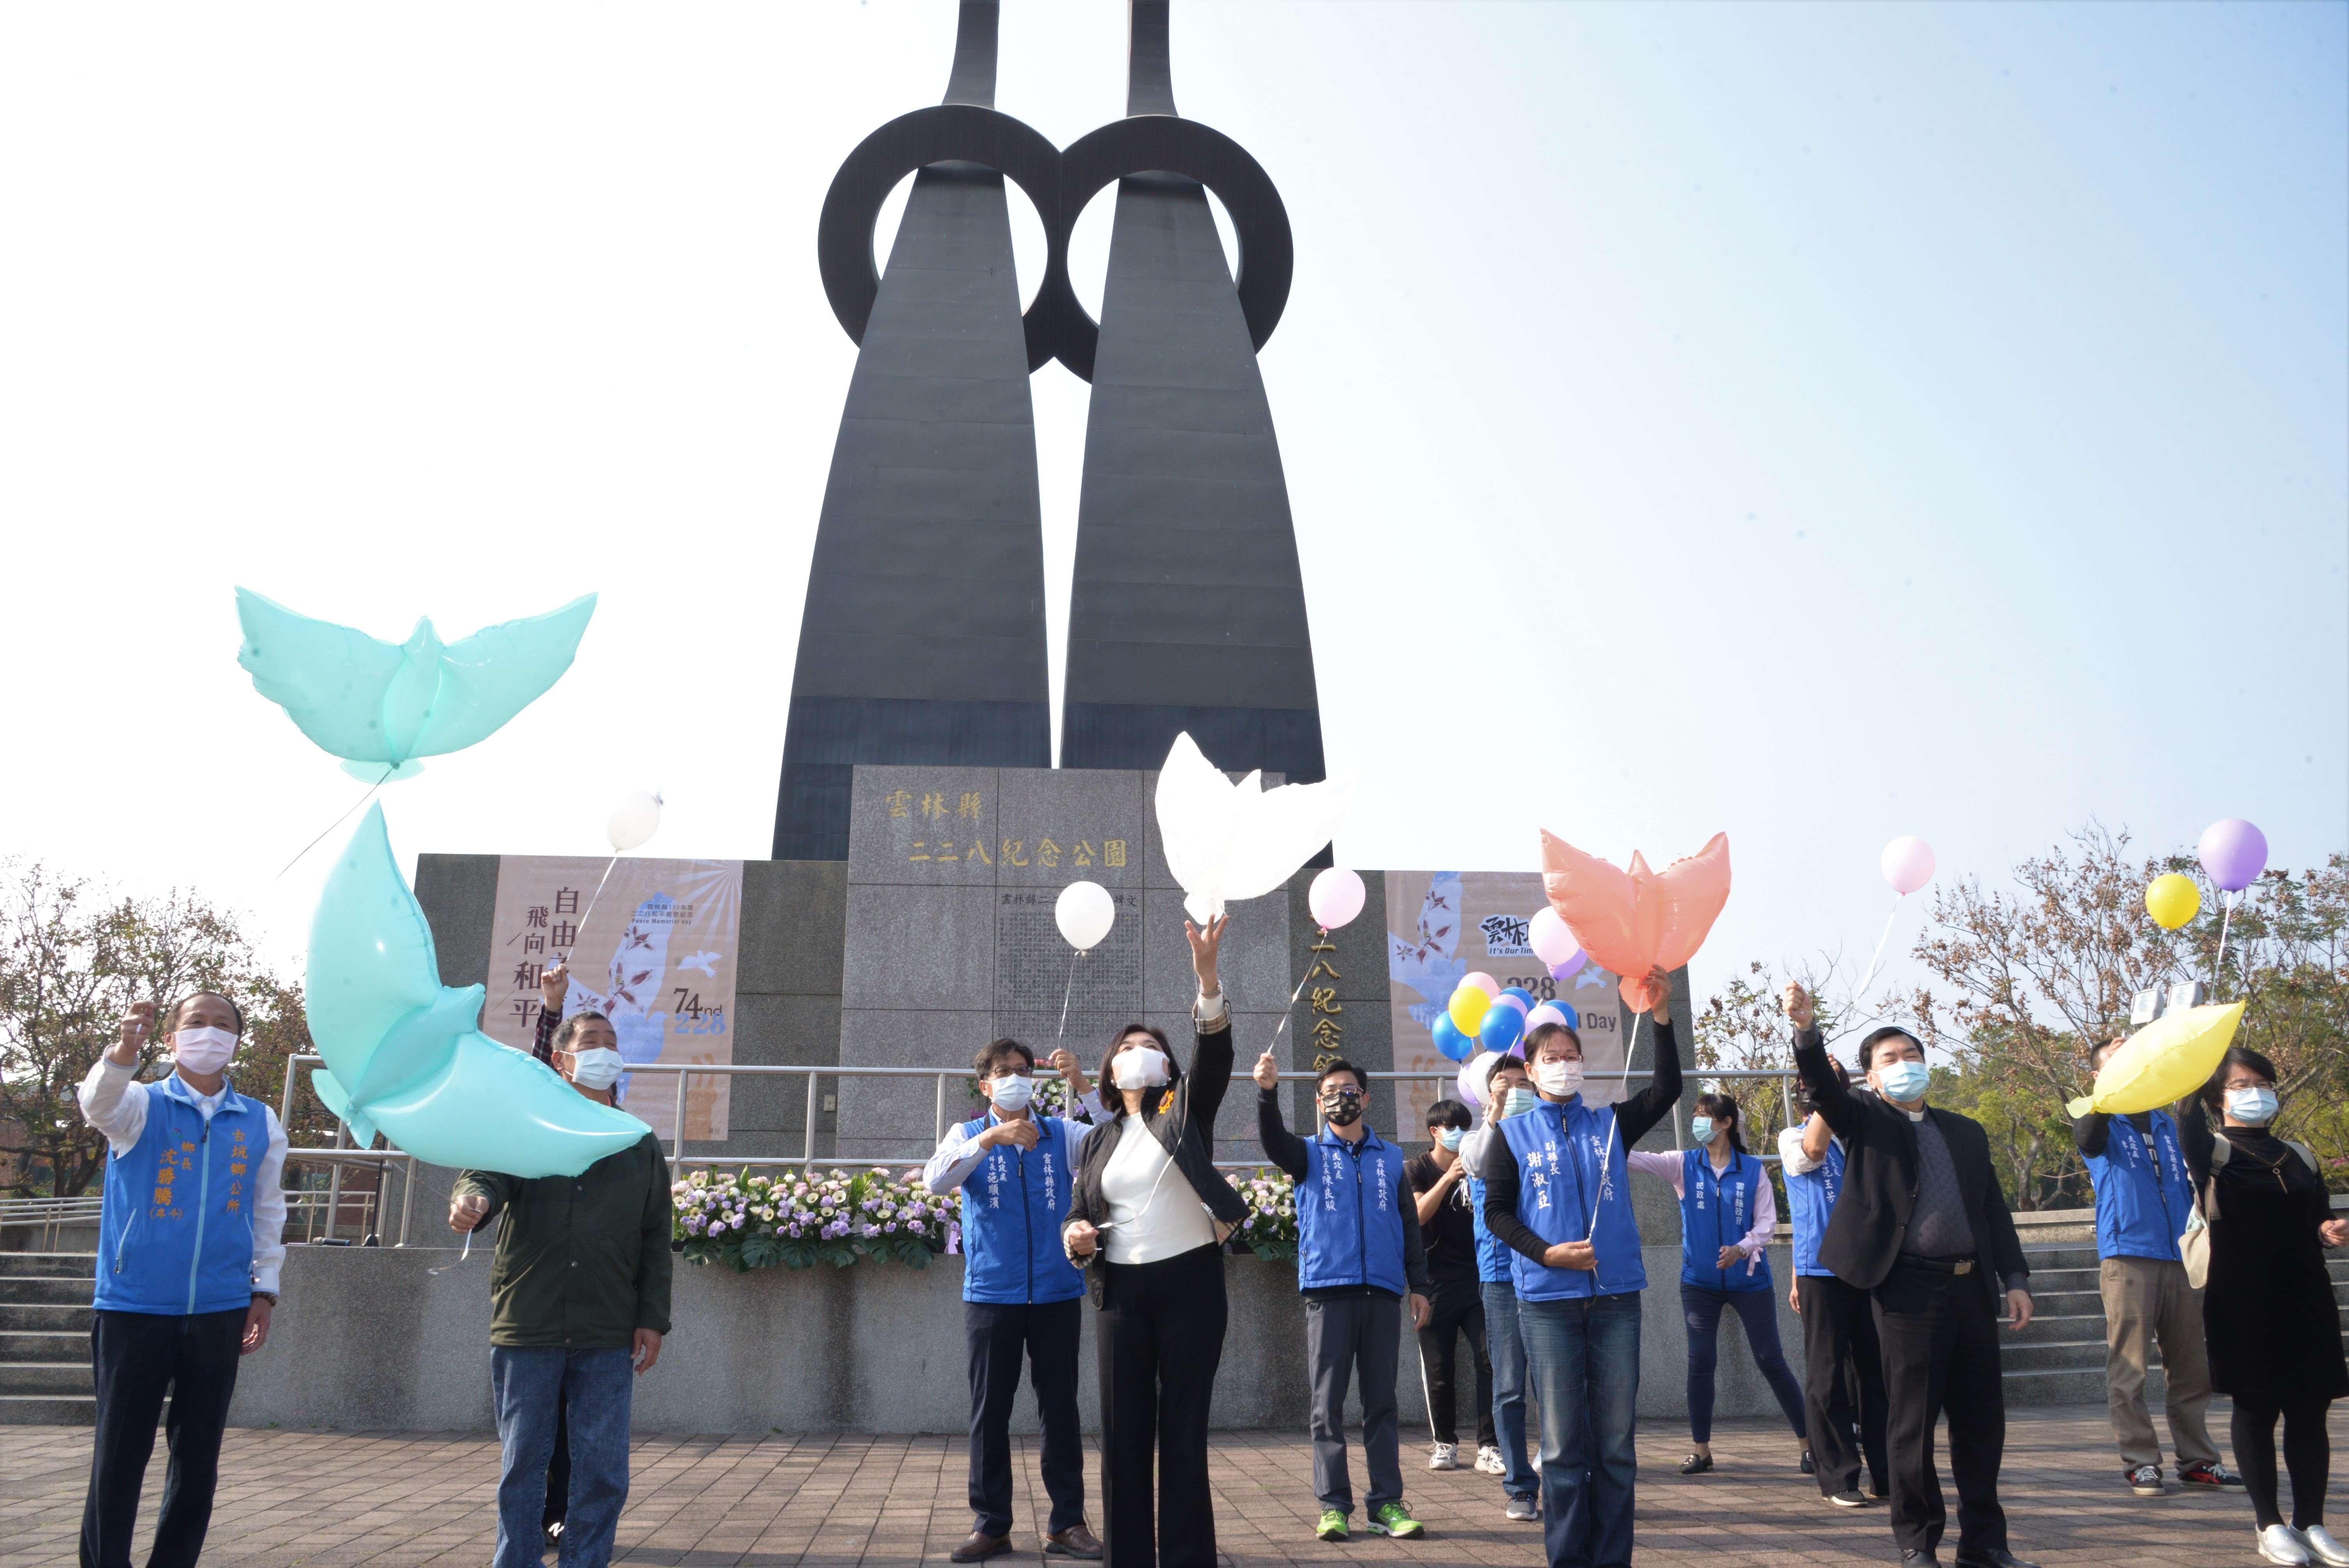 紀念228事件74周年 雲林縣舉辦和平追思